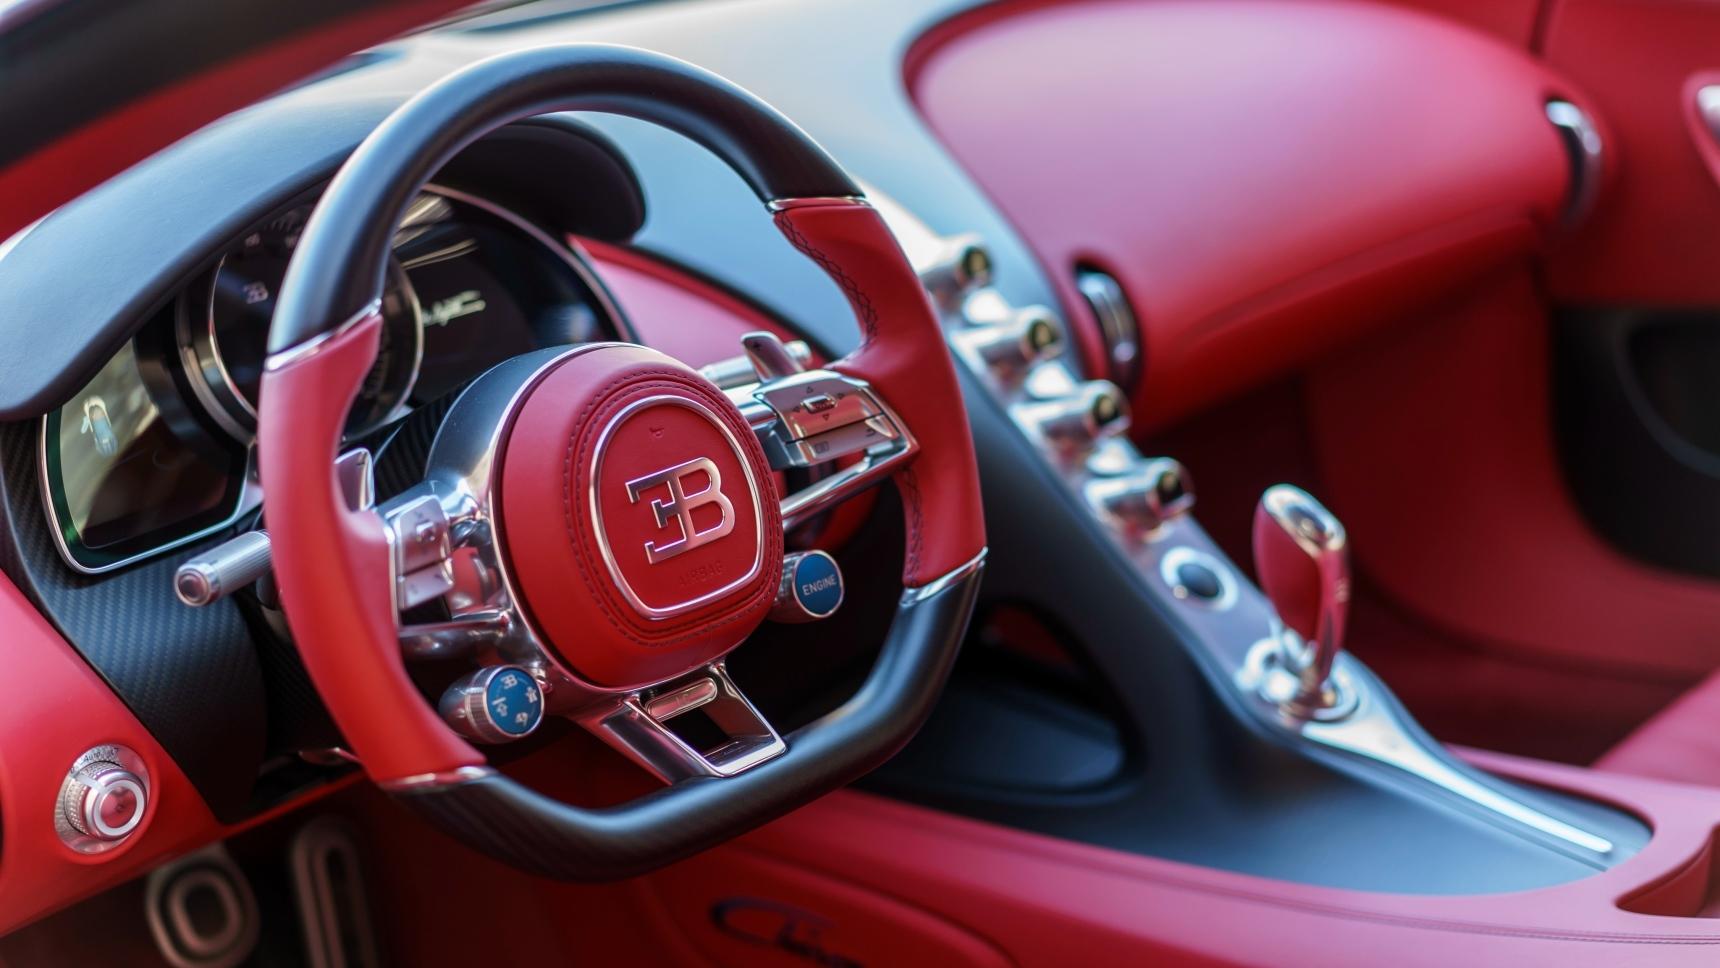 У Bugatti будет новый владелец: он раскрыт